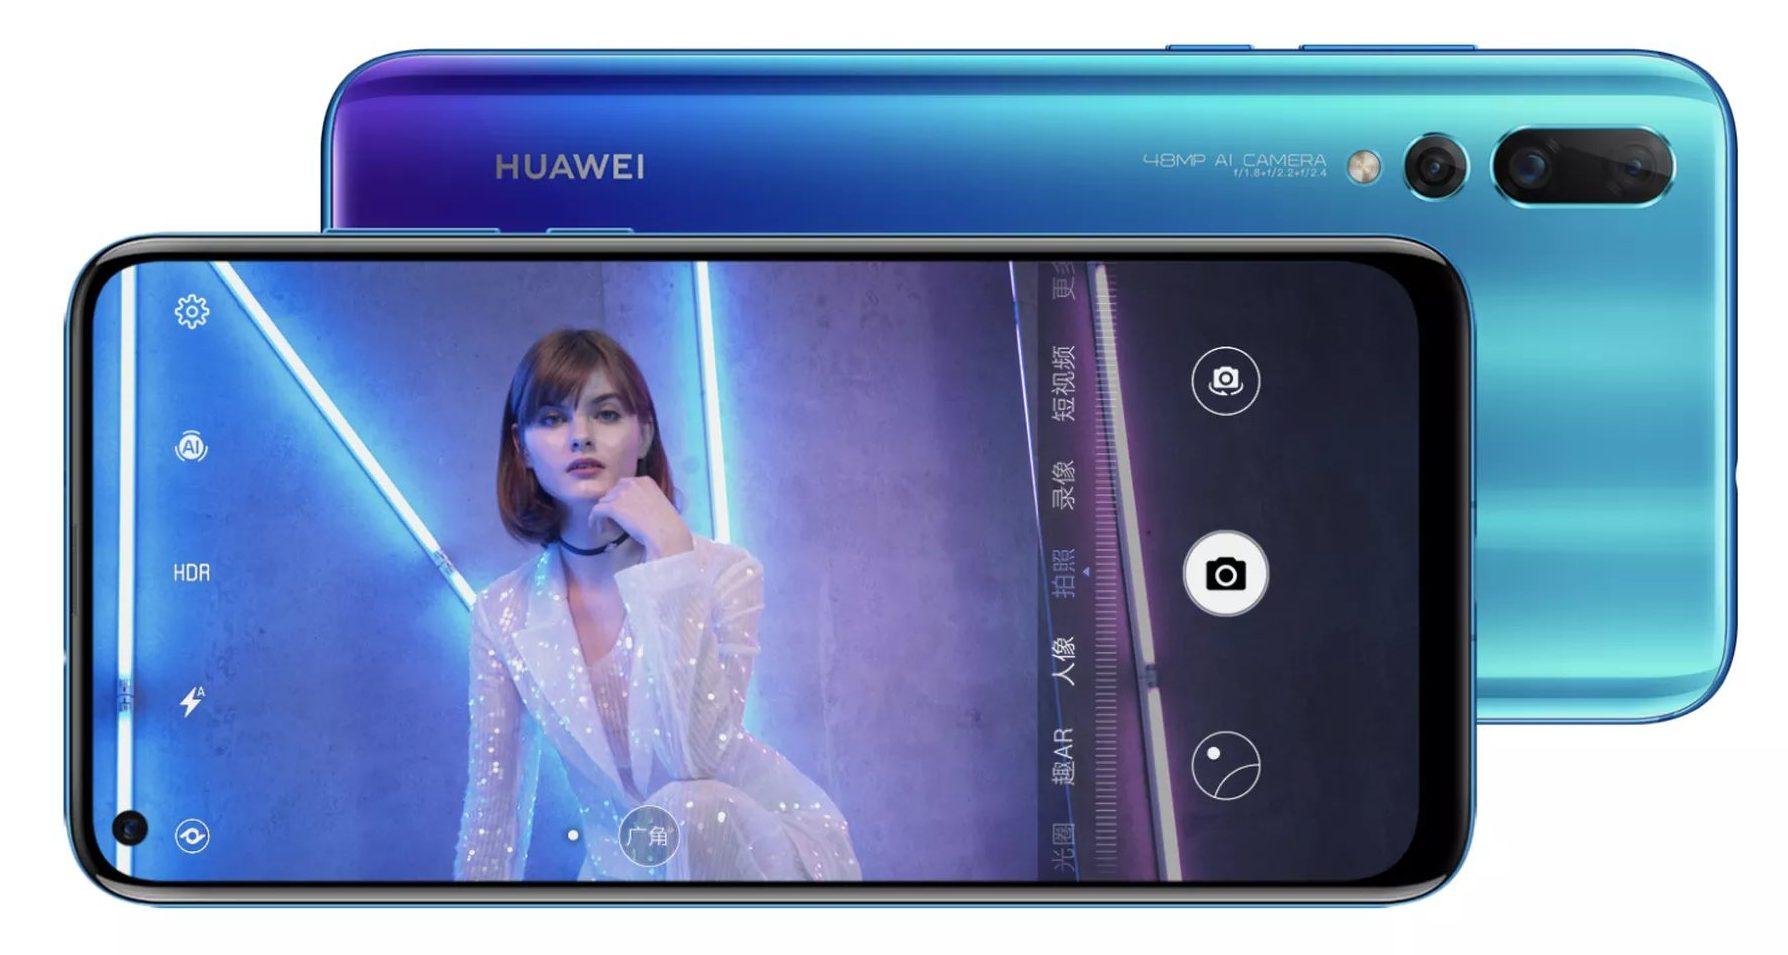 Huawei Nova 4 7 e1545066634501